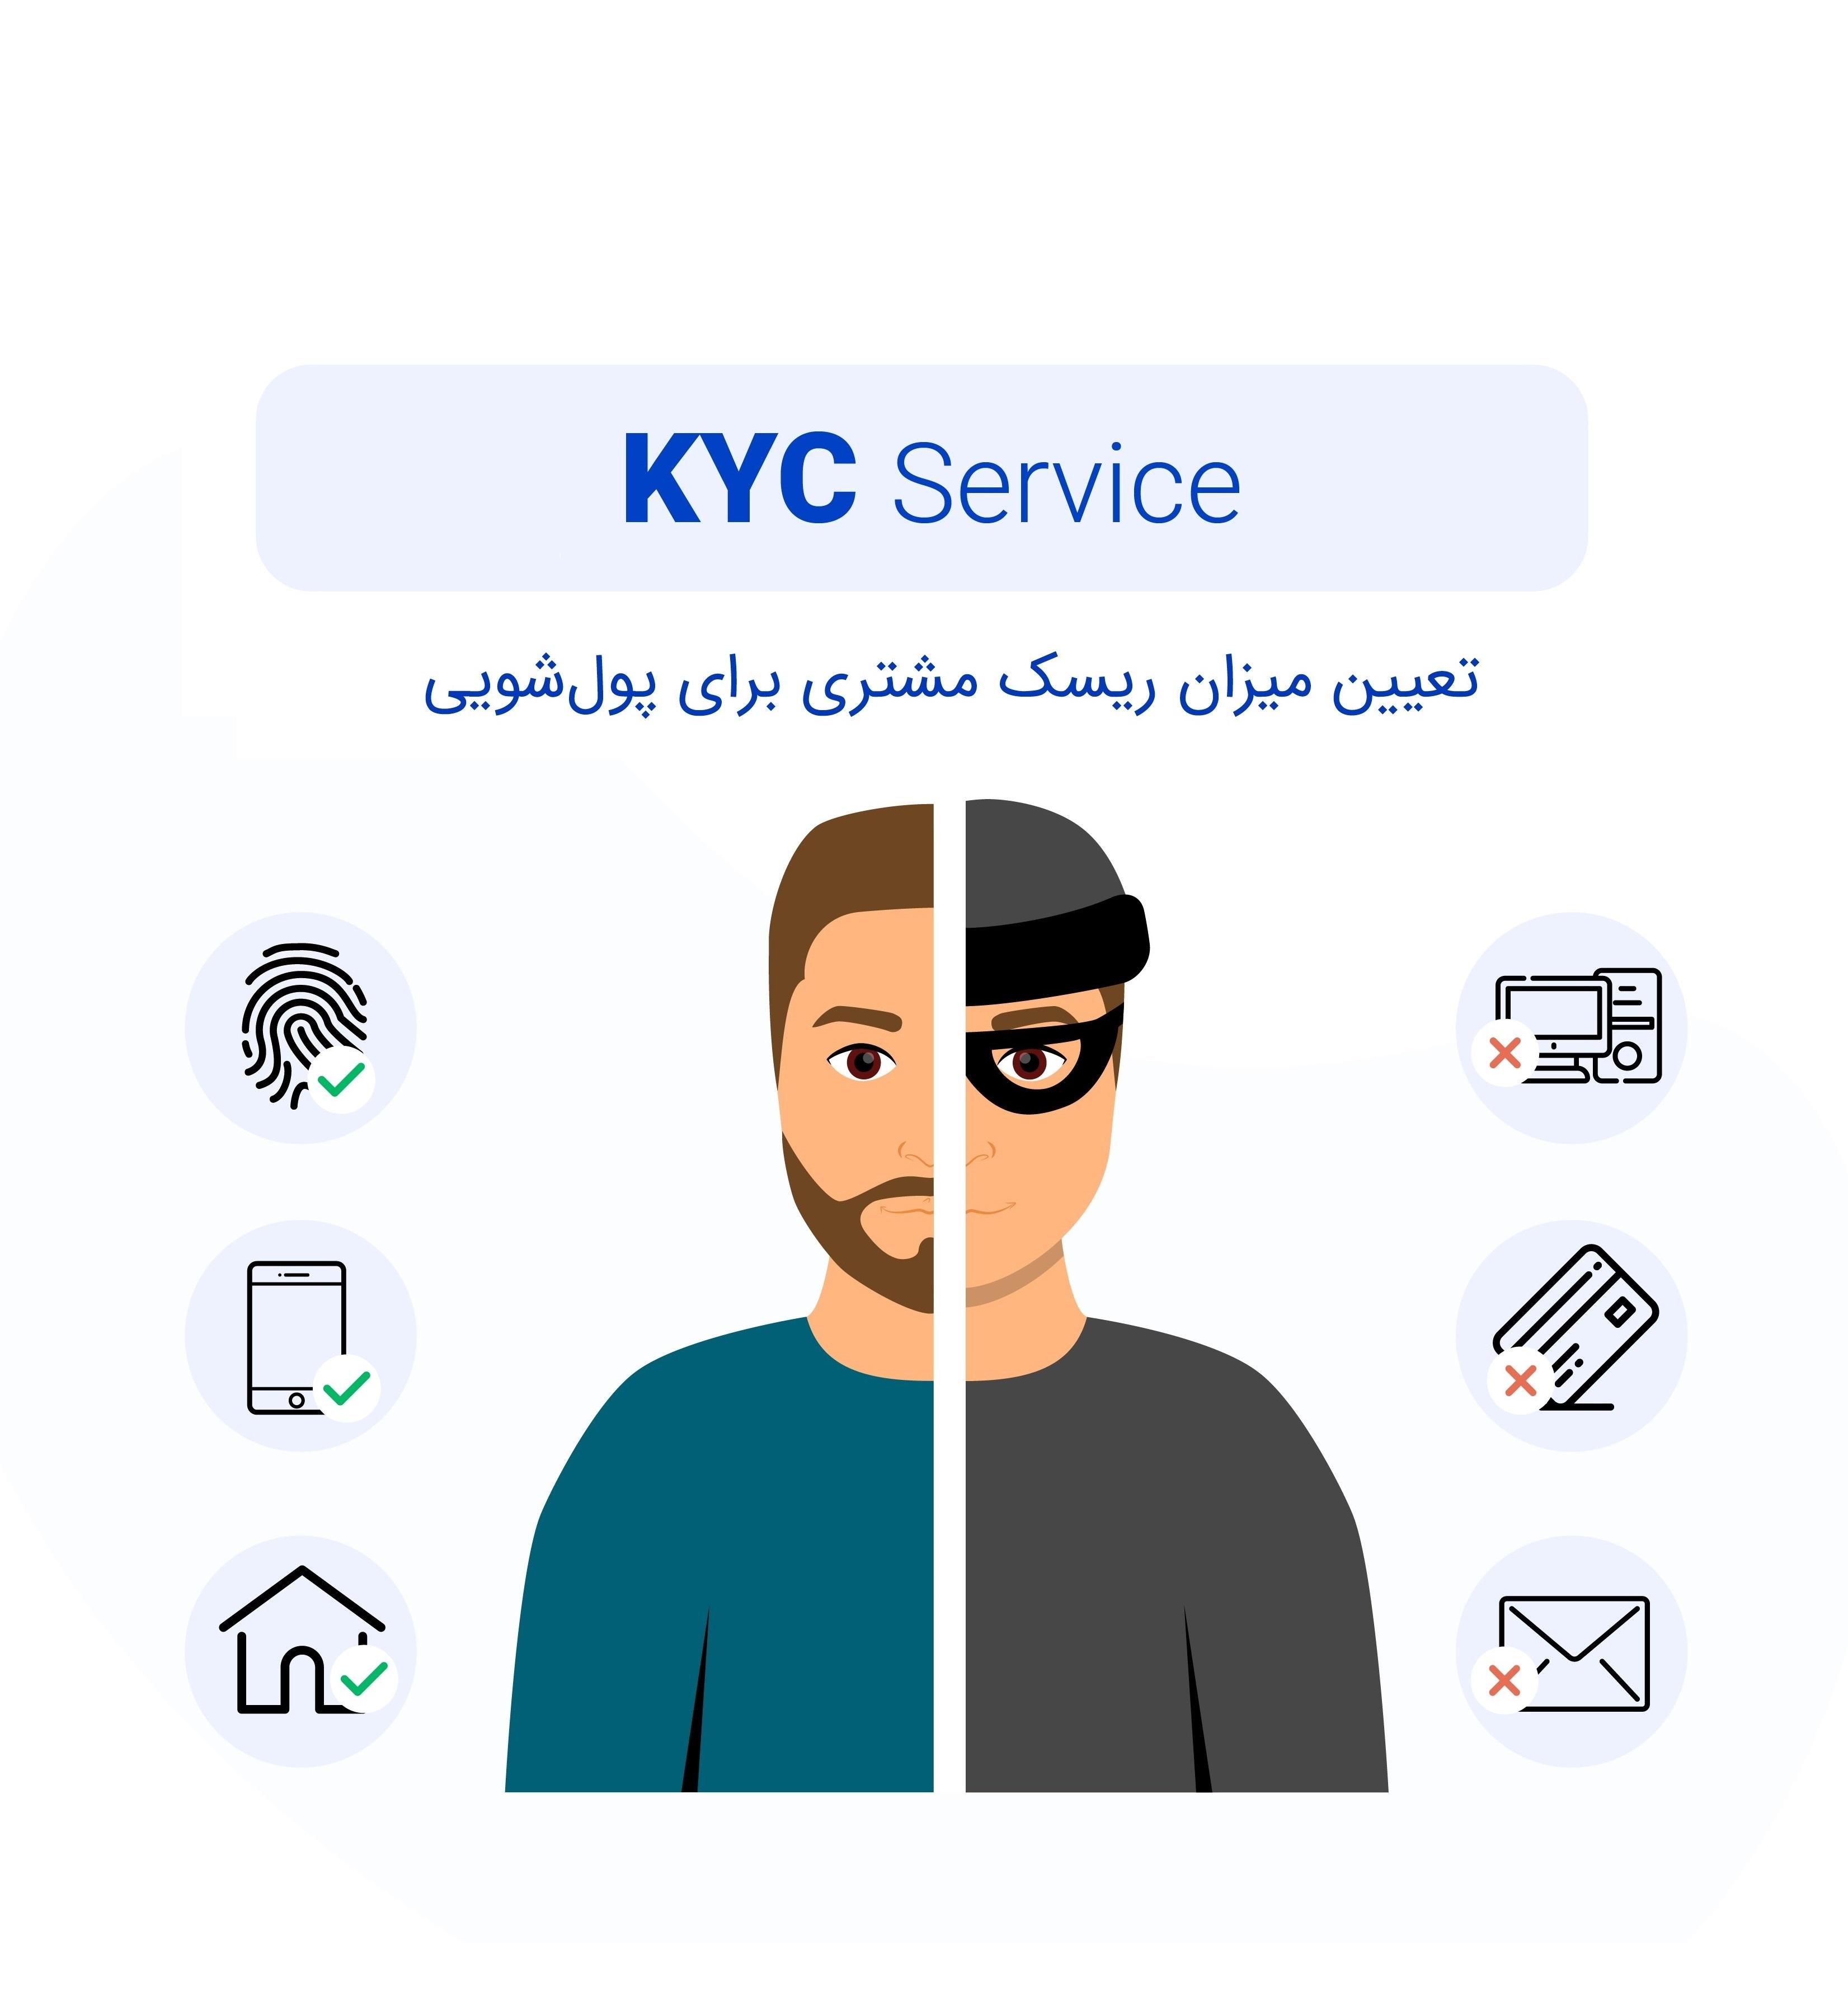 تعریف مفهوم مشتری خودت را بشناس KYC و اهمیت آن در دنیای امروز